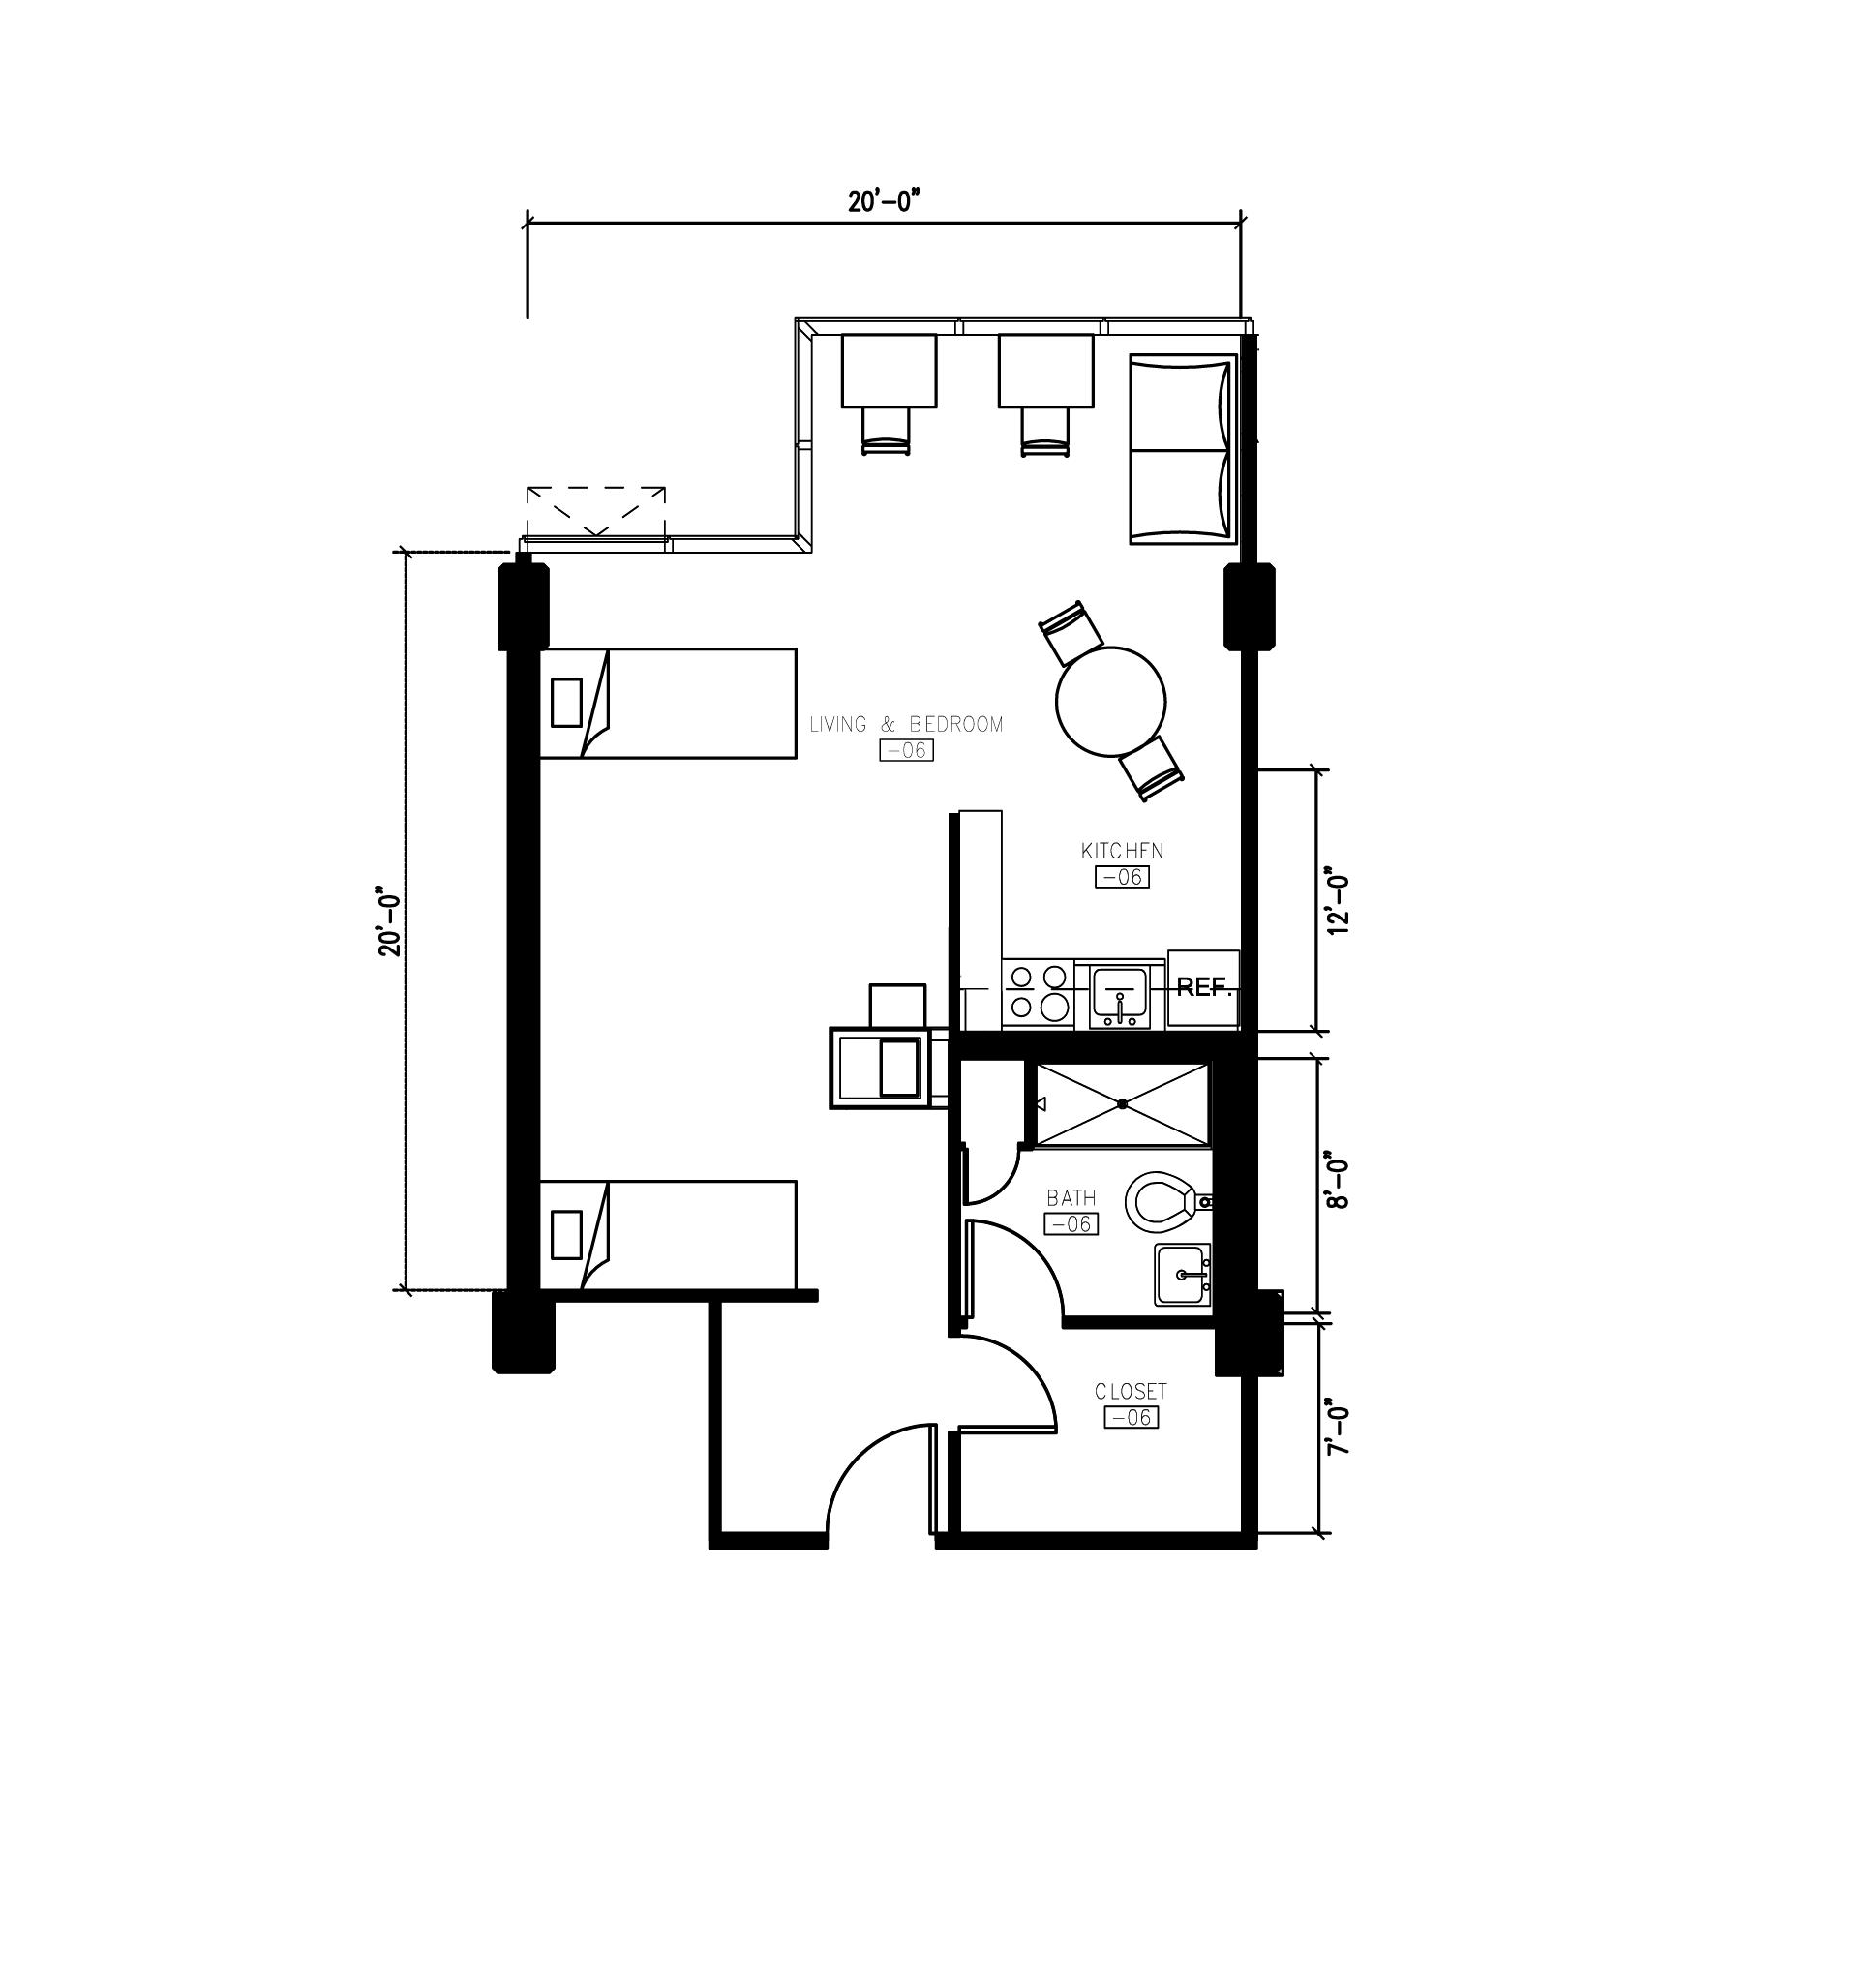 Small Studio Apartment Floor Plans morgens hall 2 person small studio apartment floor plan